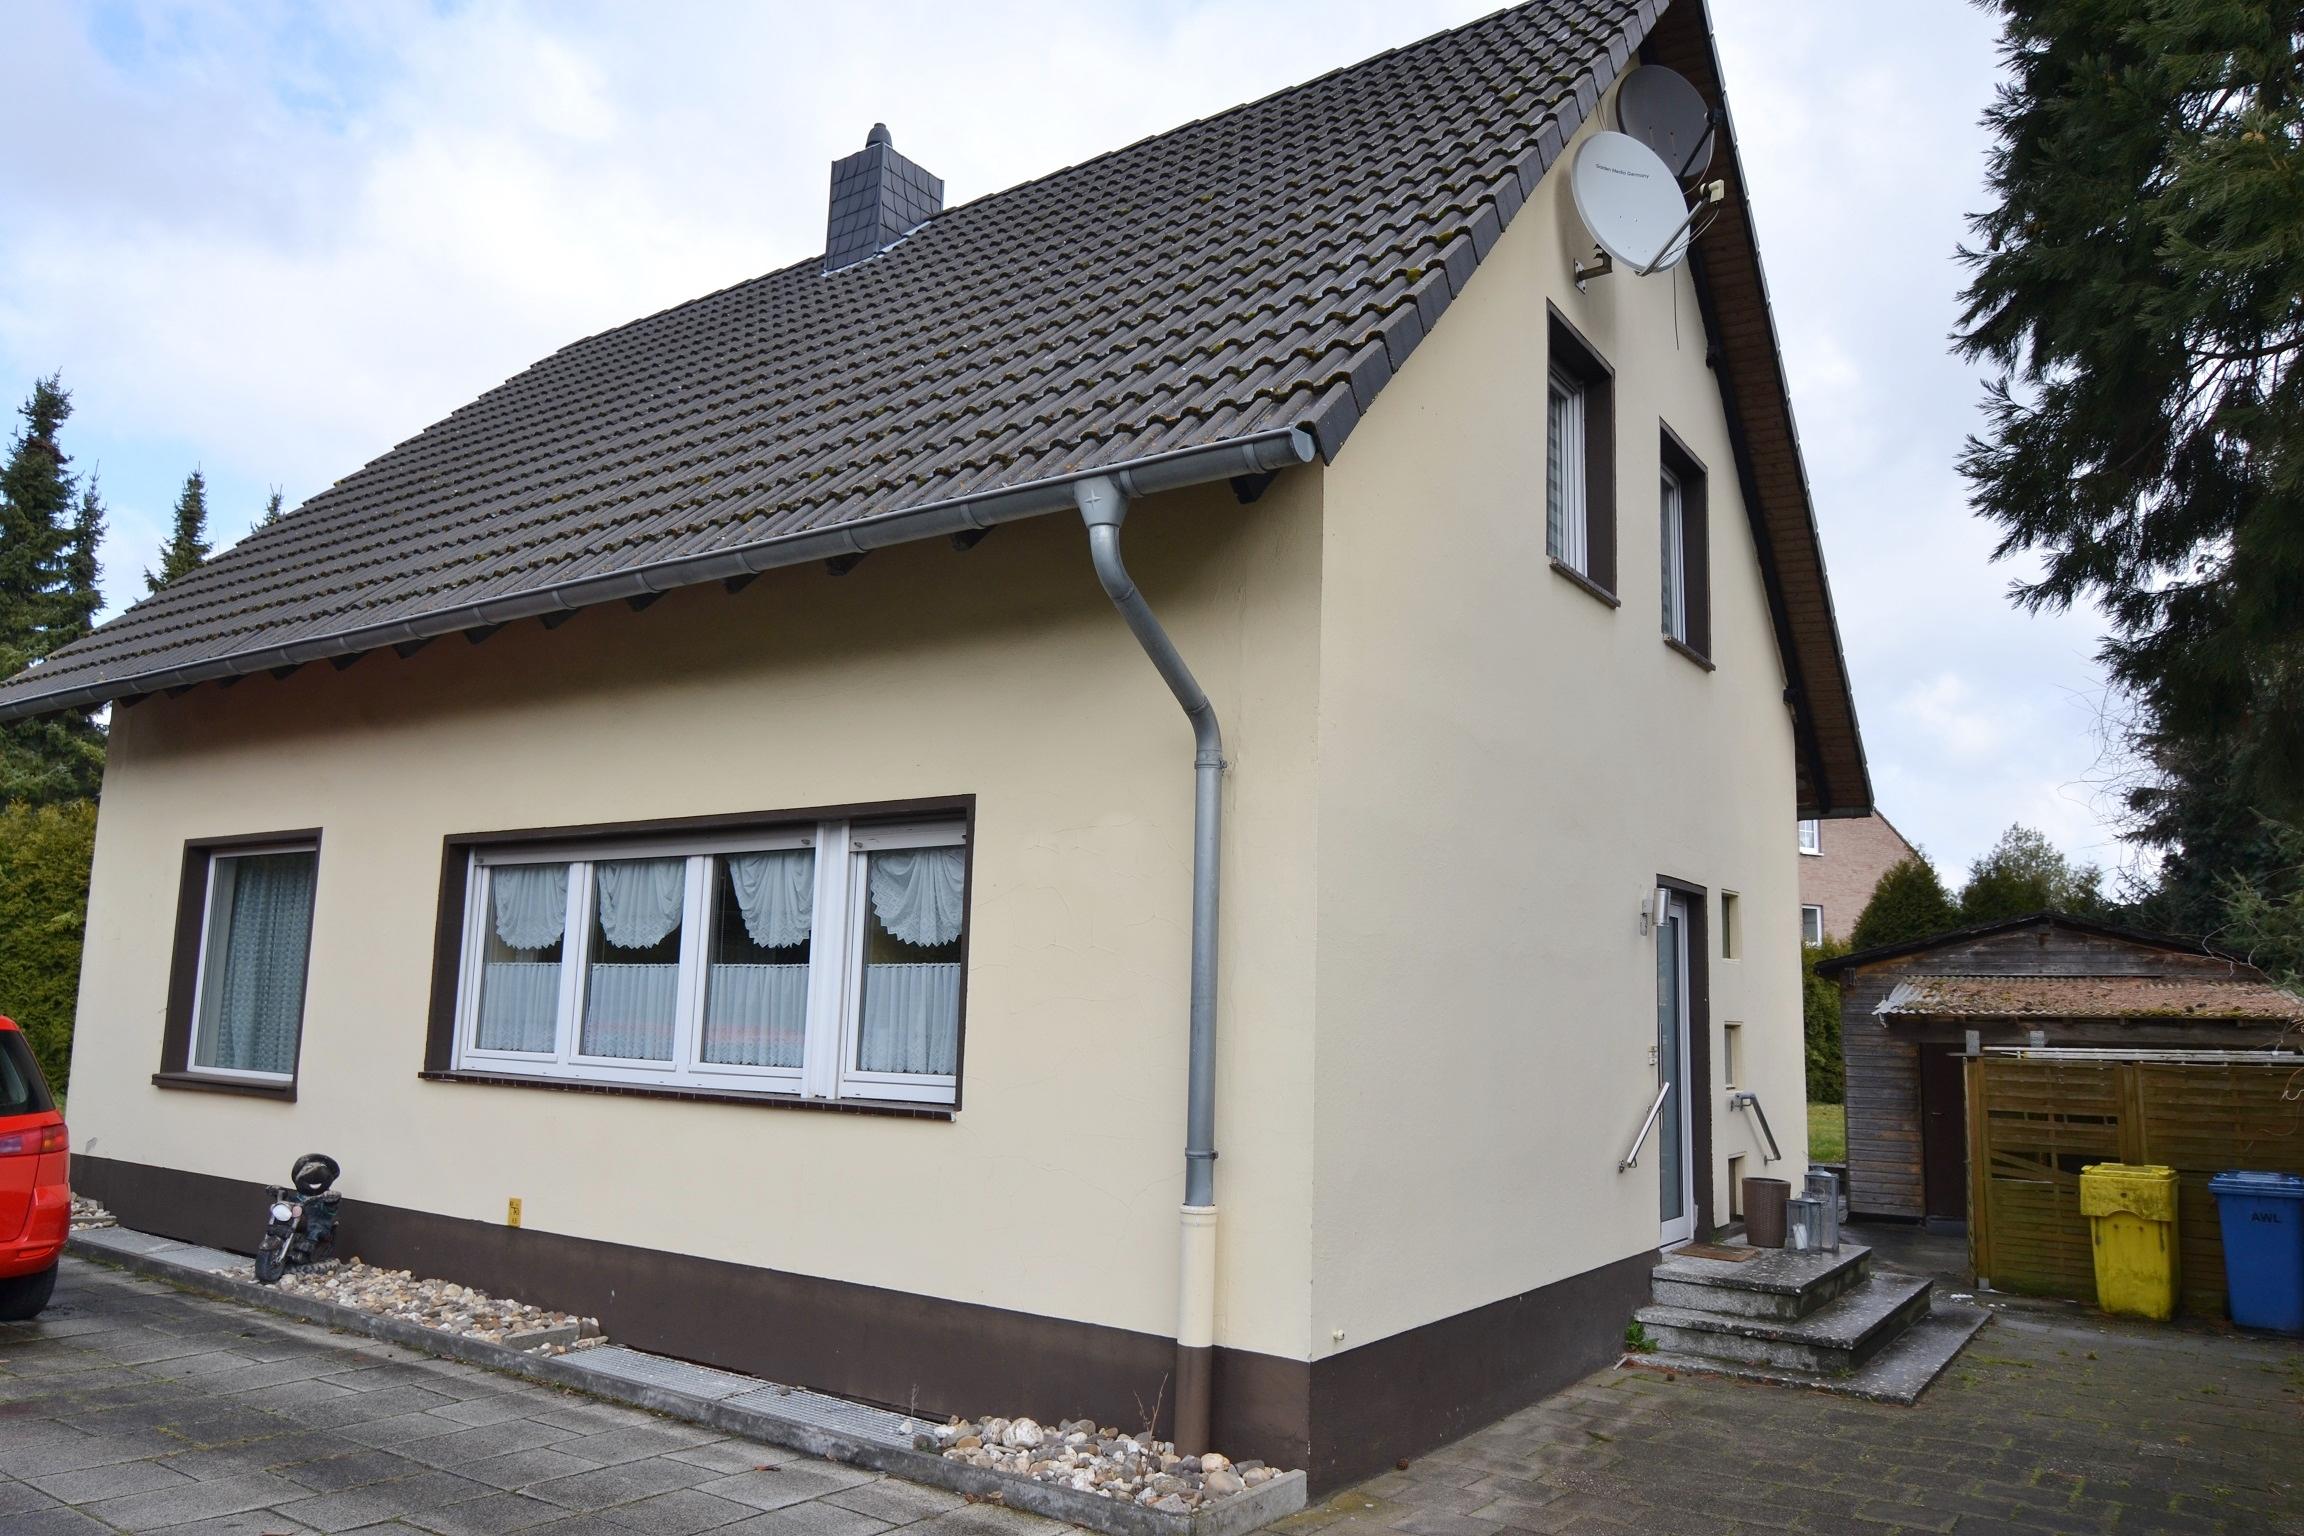 Manuela staliwe immobilien freistehendes zweifamilienhaus for Zweifamilienhaus mieten